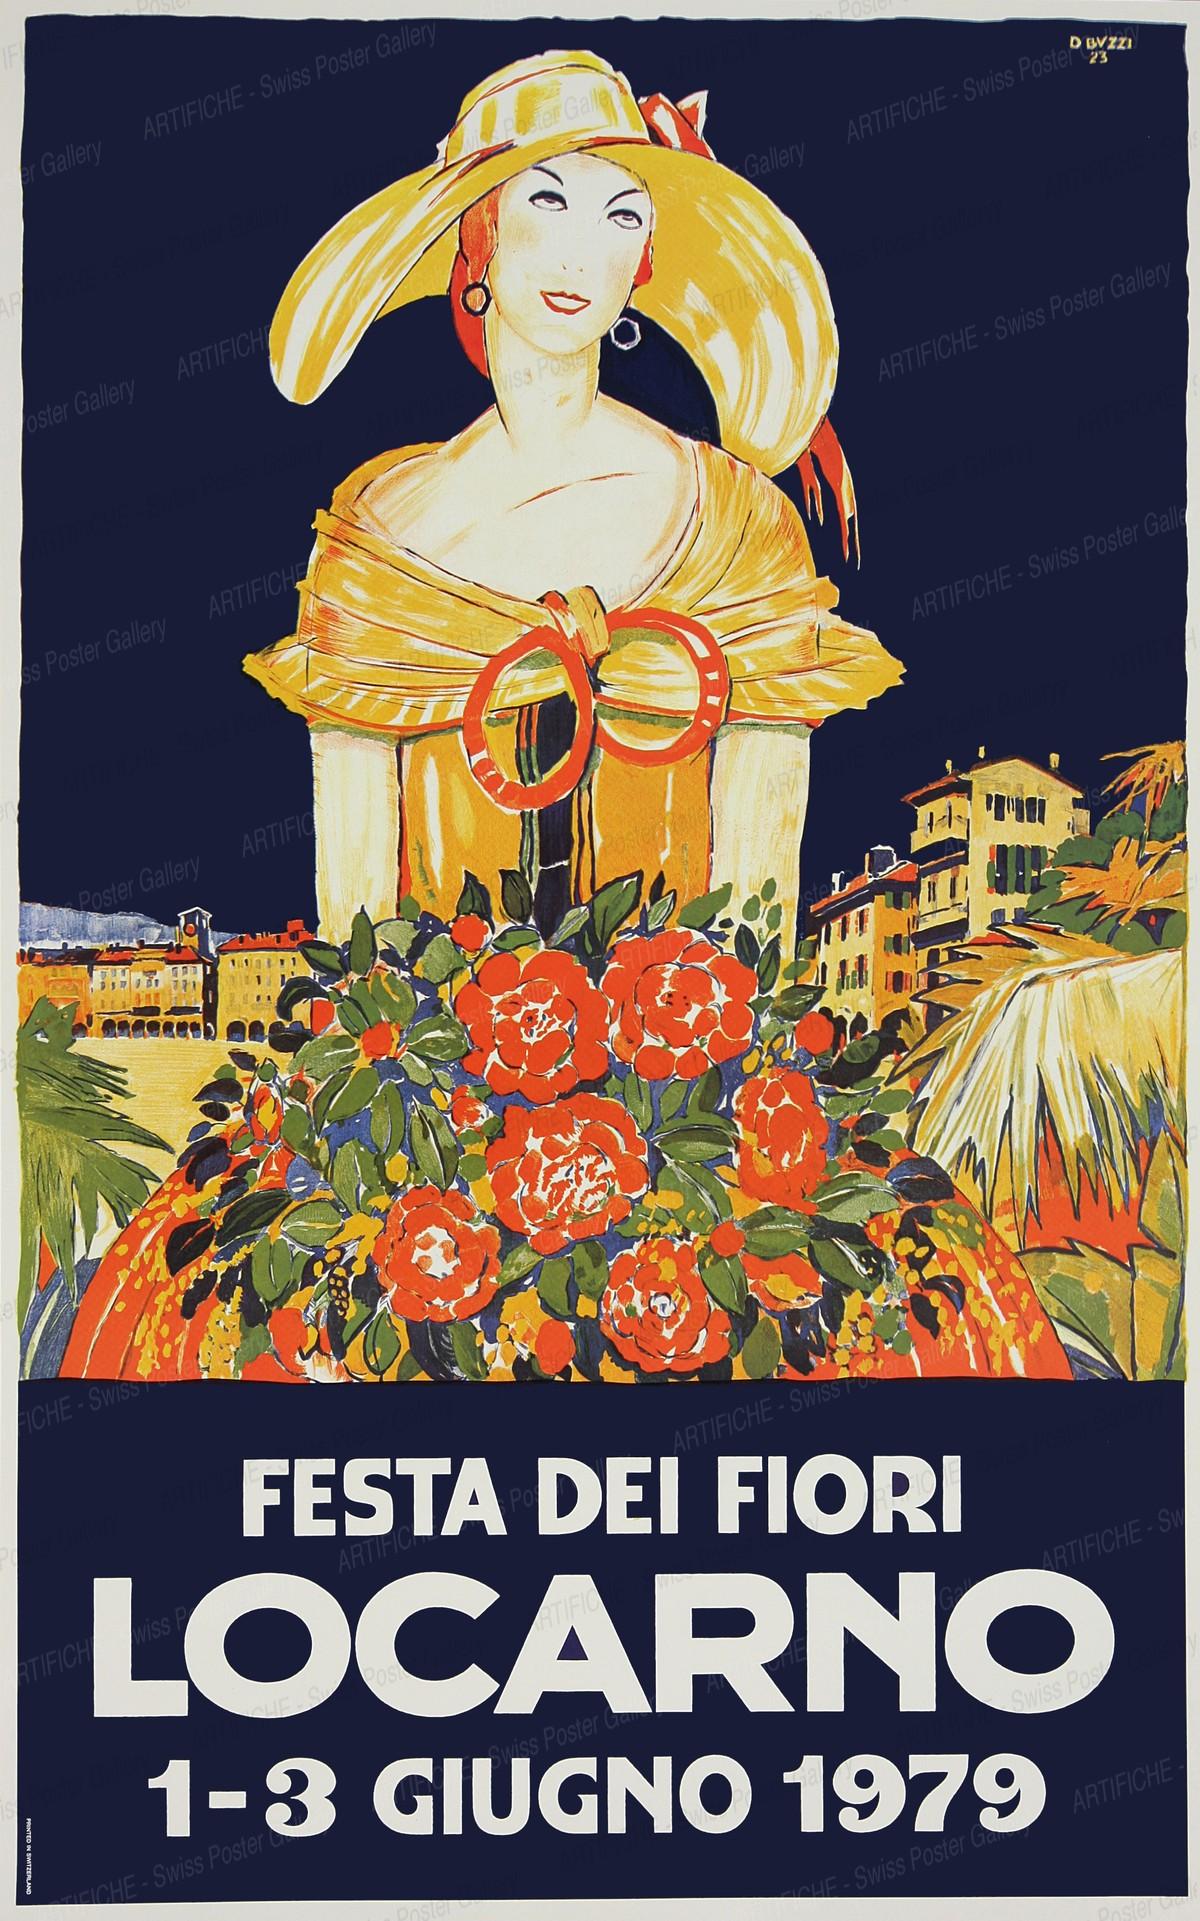 Festa dei Fiori LOCARNO 1-3 giugno 1979, Daniele Buzzi